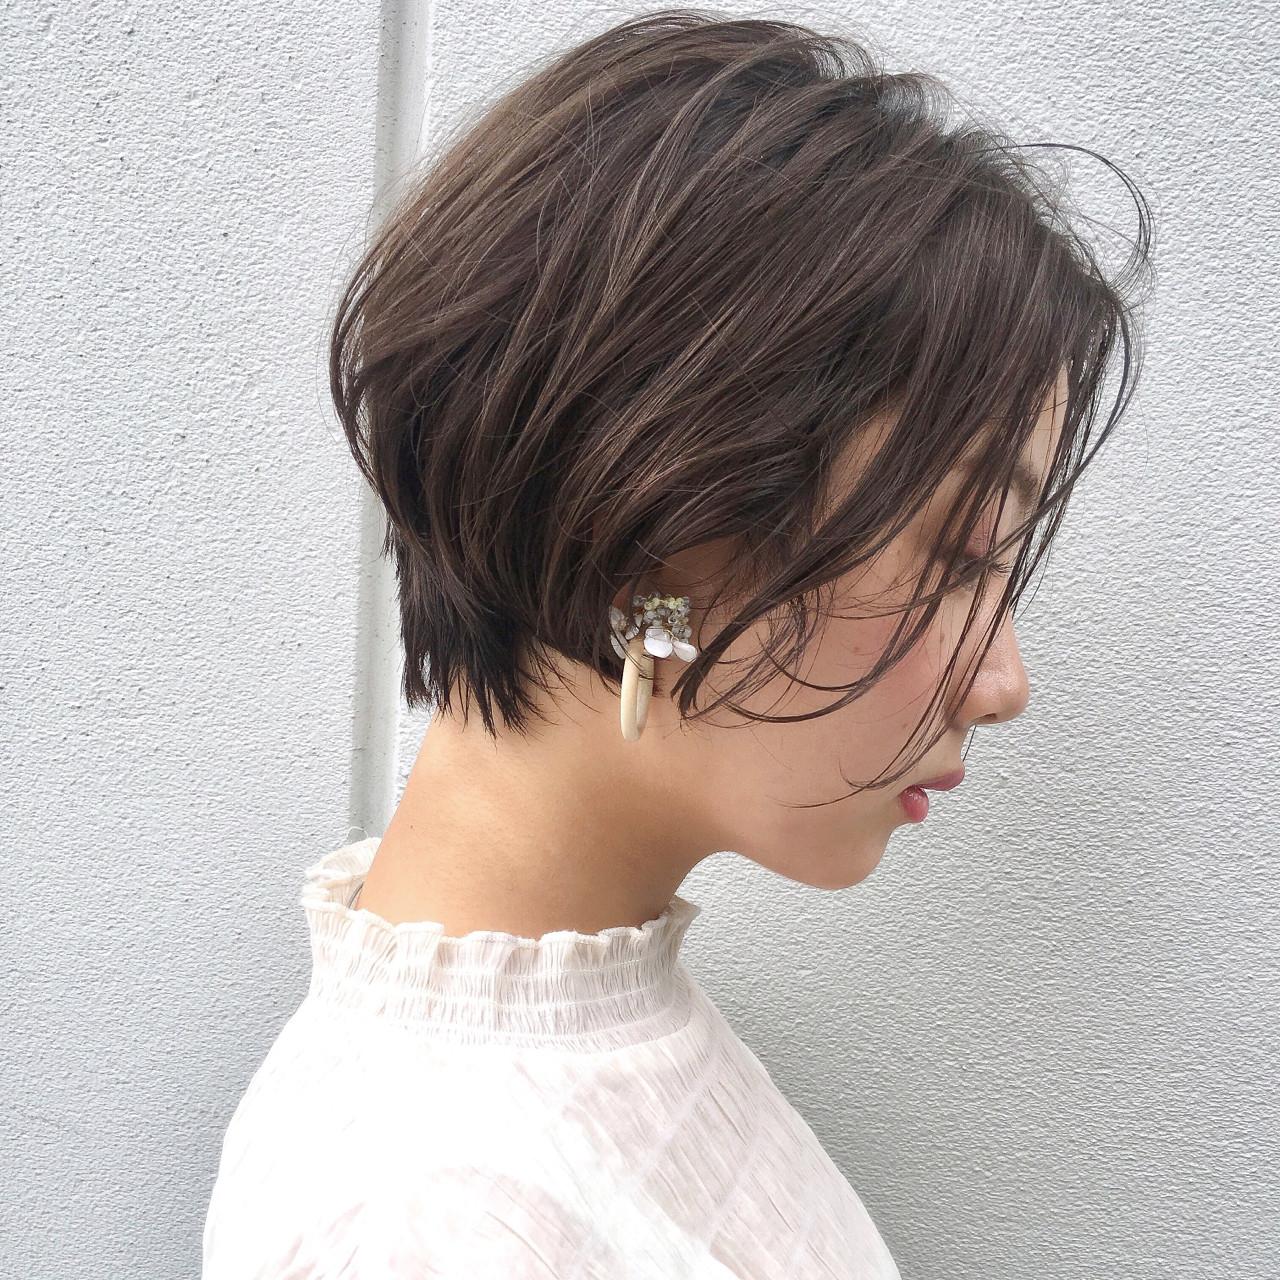 デート ナチュラル ヘアアレンジ エフォートレス ヘアスタイルや髪型の写真・画像 | ショートボブの匠【 山内大成 】『i.hair』 / 『 i. 』 omotesando